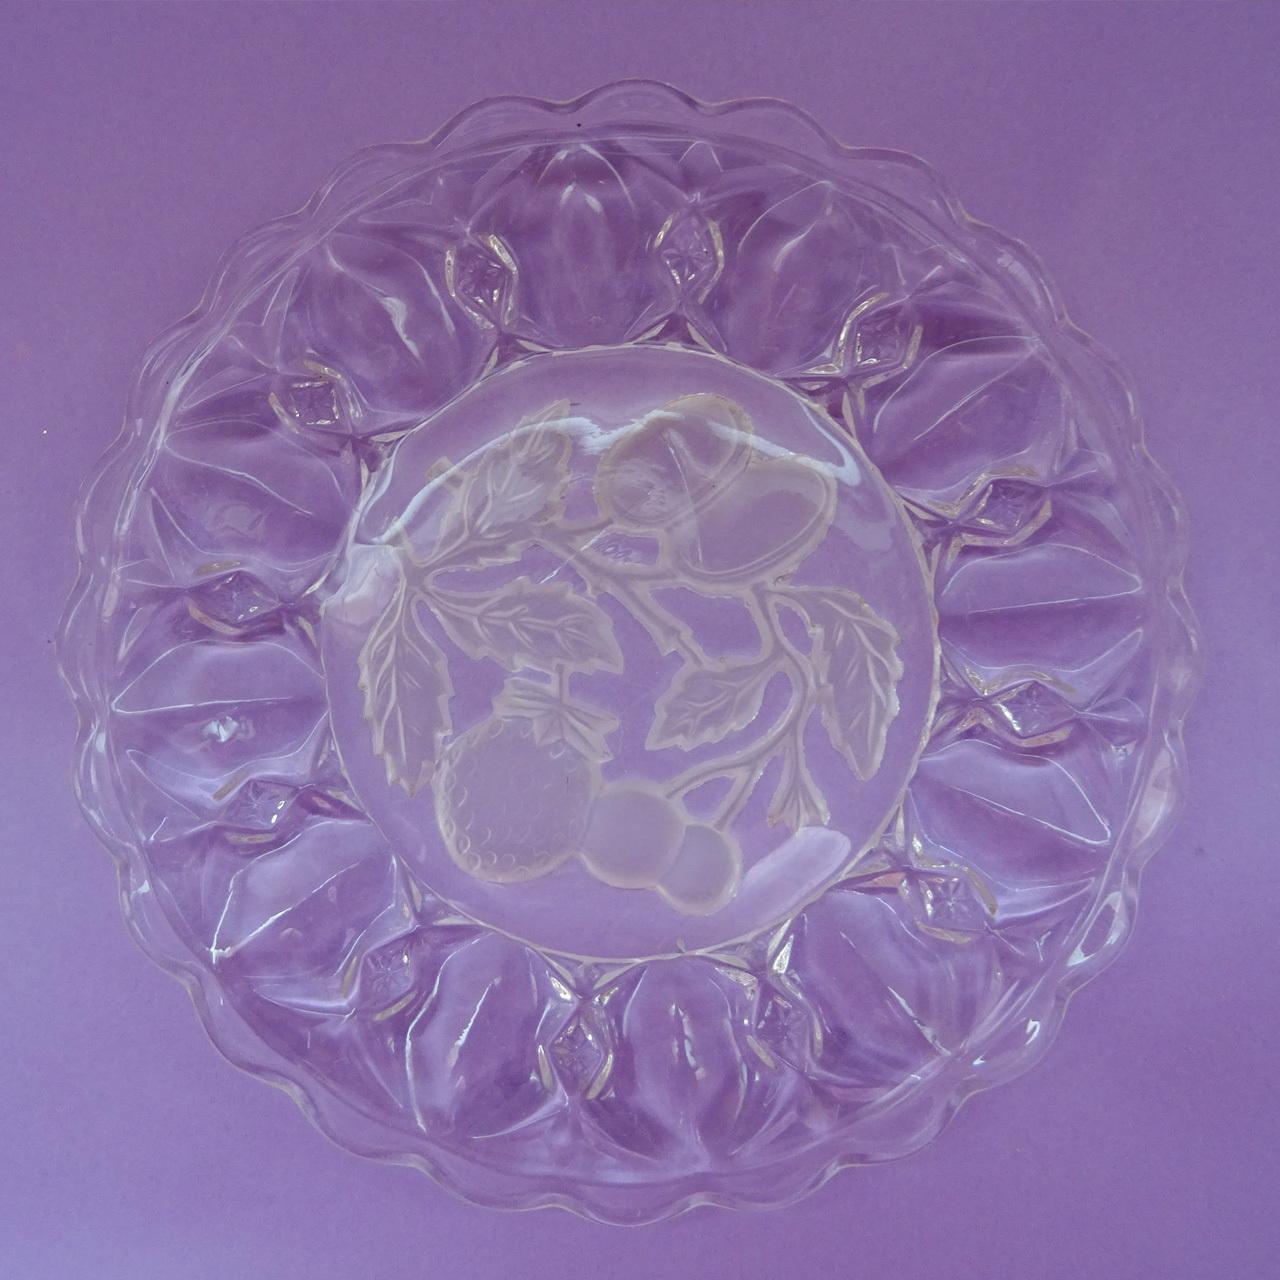 チェコスロヴァキア フルーツモチーフのガラスプレート